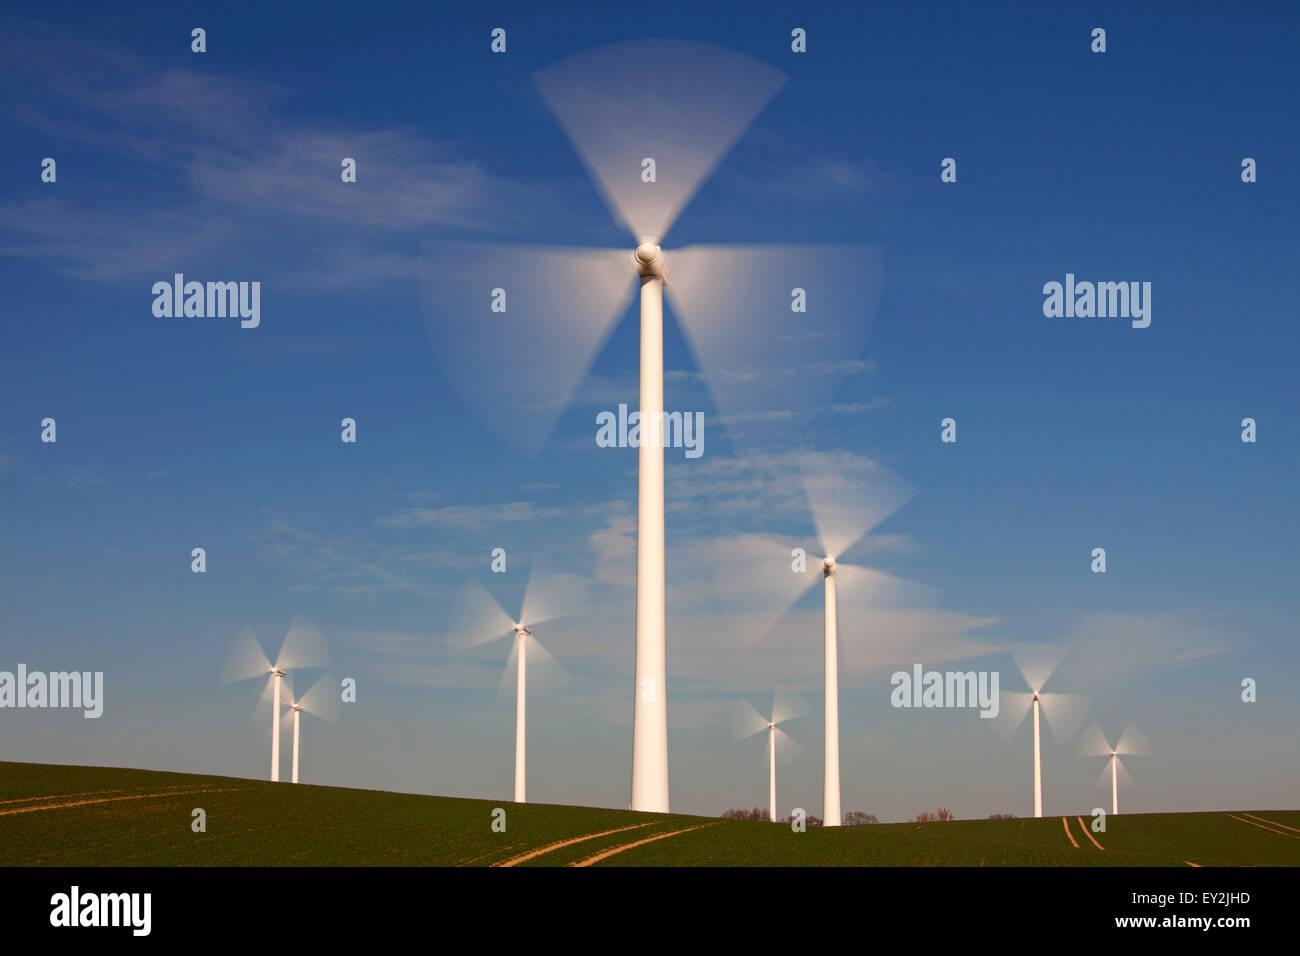 Les lames en rotation des éoliennes au parc contre le ciel bleu Photo Stock